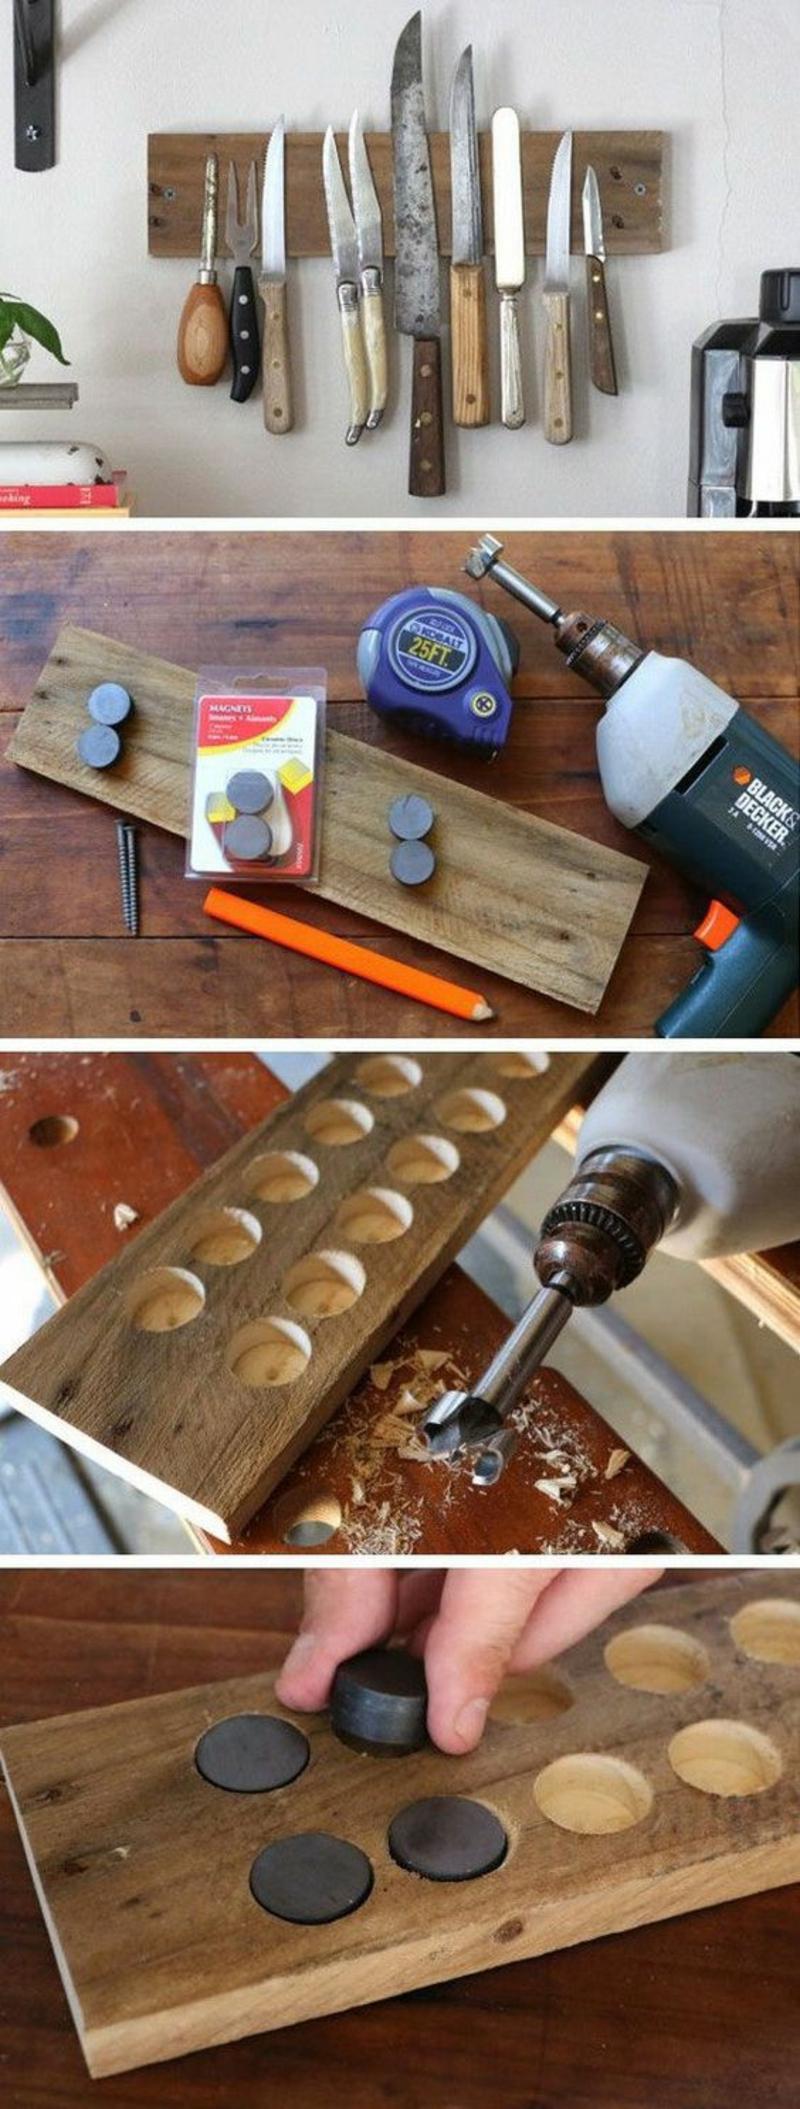 DIY Magnetleiste für Messer selber bauen Anleitung Küchenzubehör